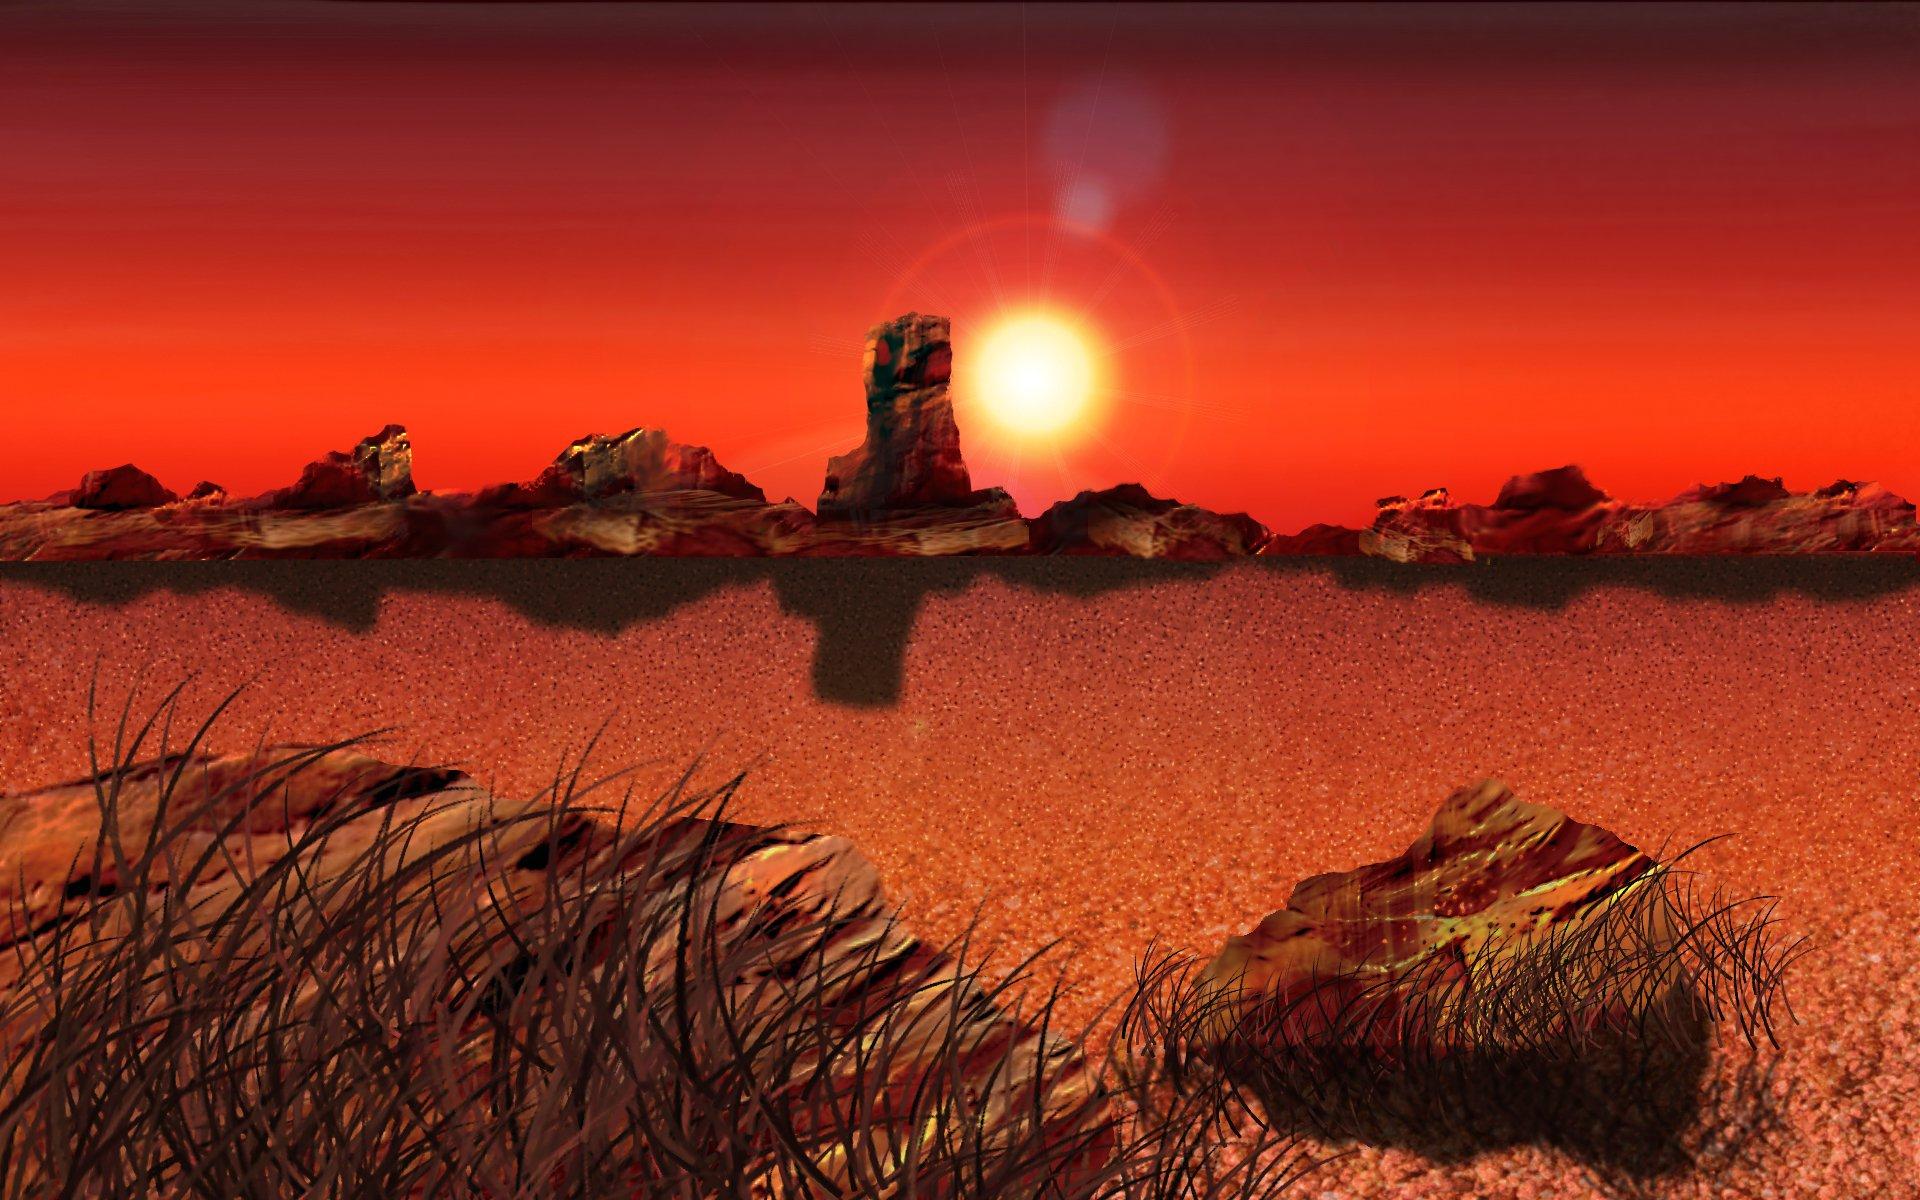 desert landscape wallpaper - photo #33